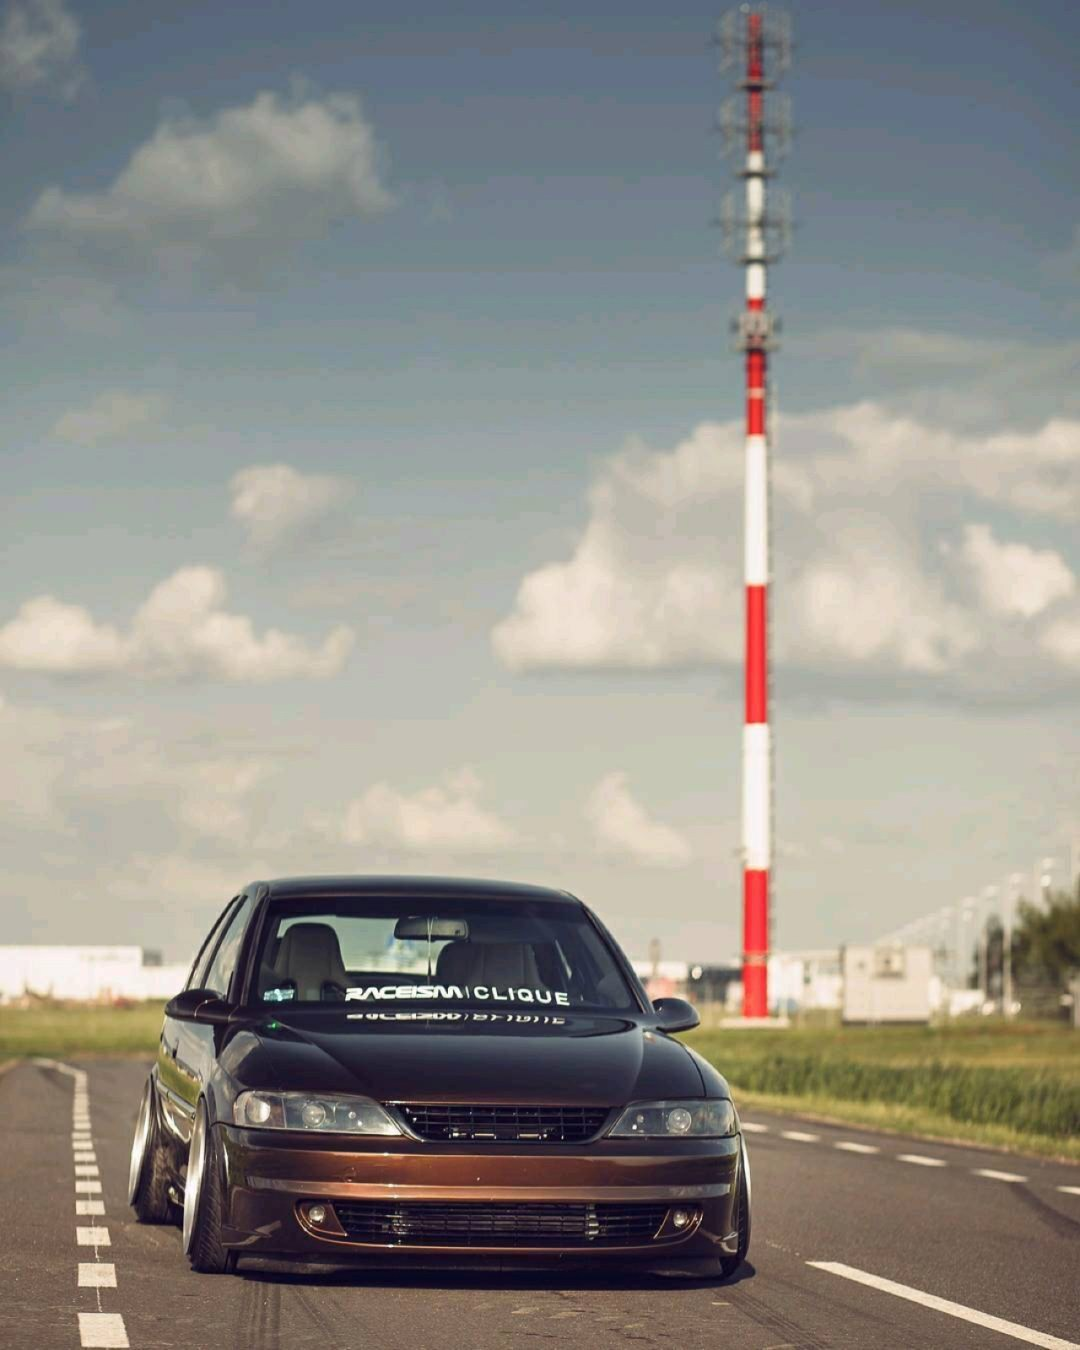 Slammed Opel Vectra... Pari osé ! 32